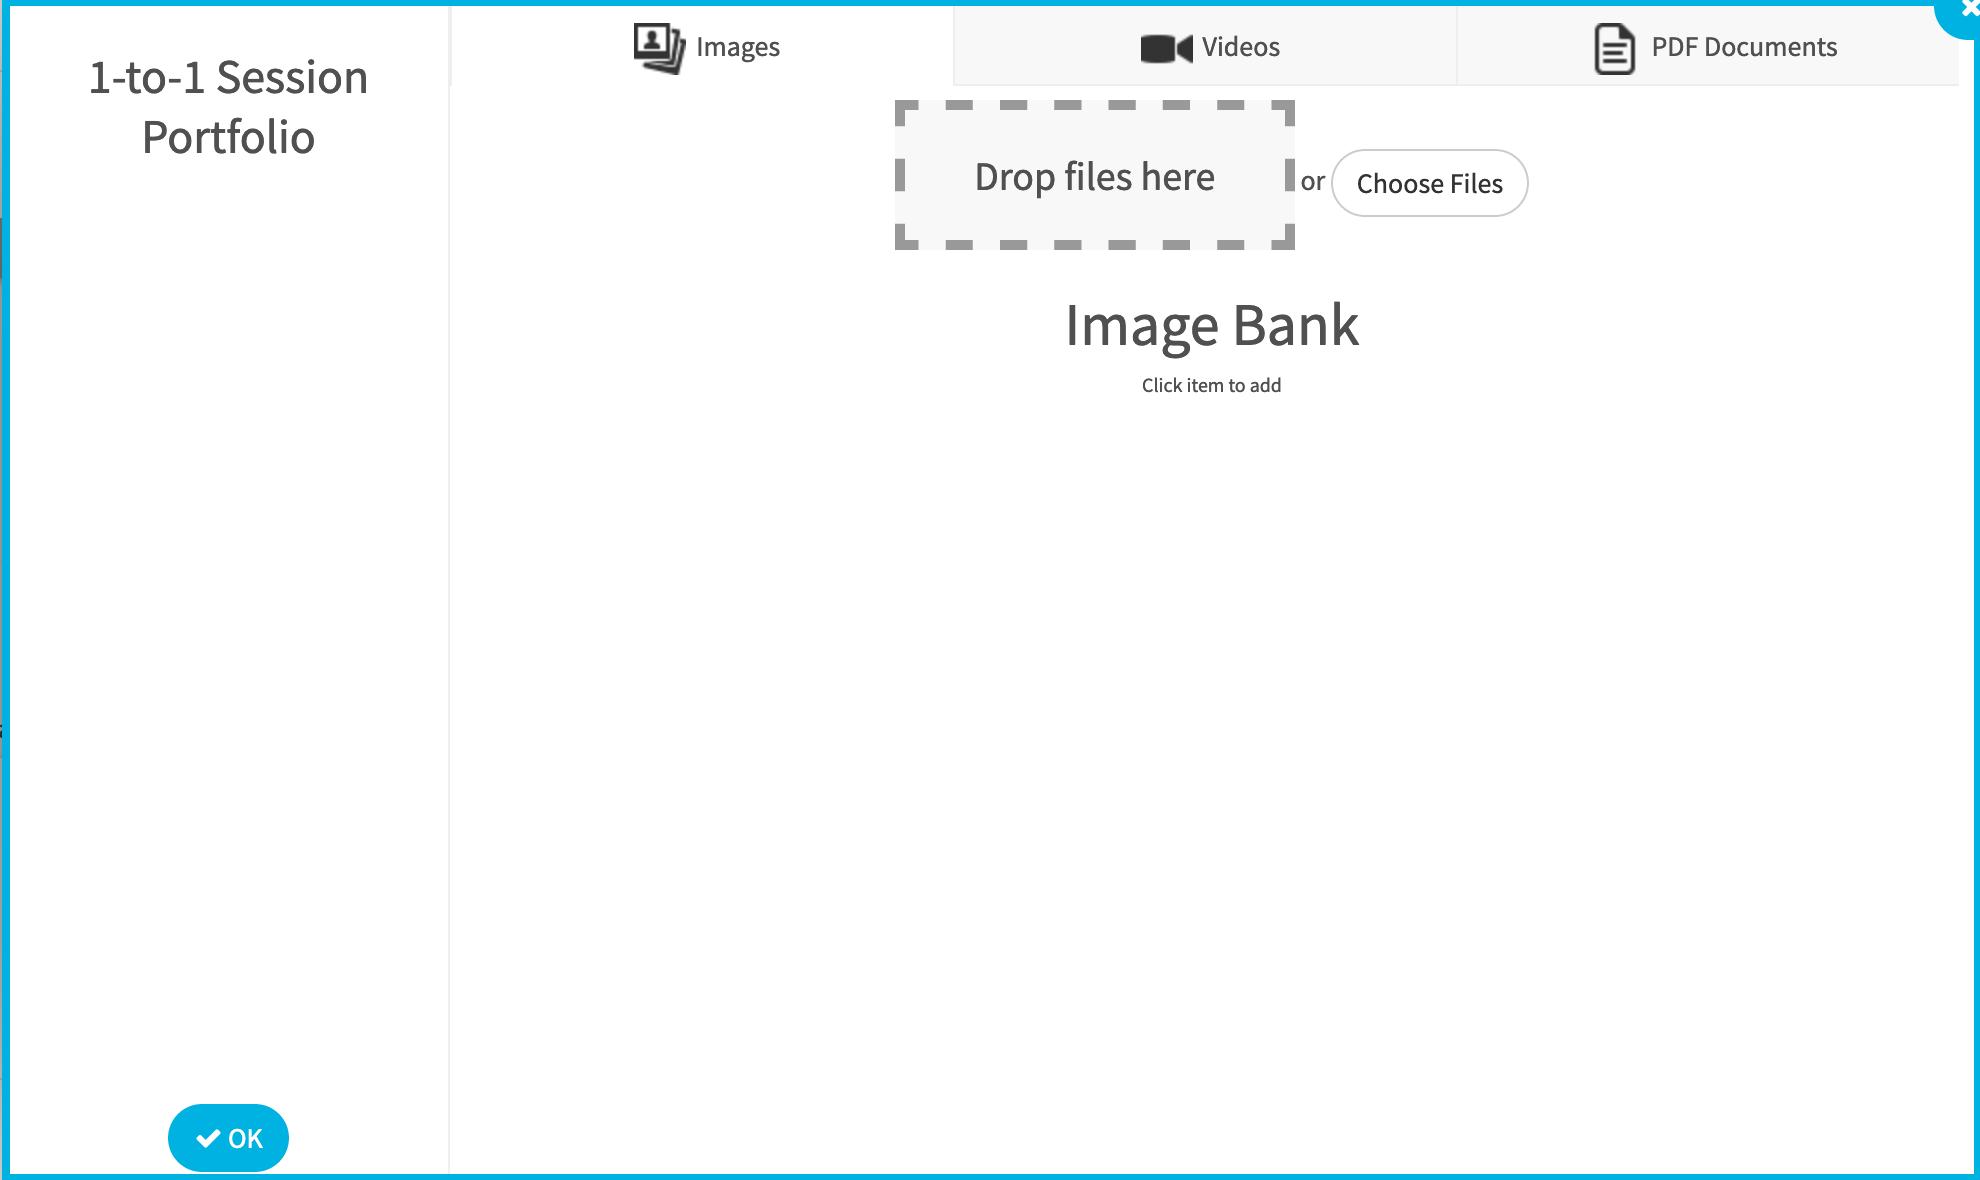 Screen_Shot_2020-04-28_at_4.42.00_pm.png